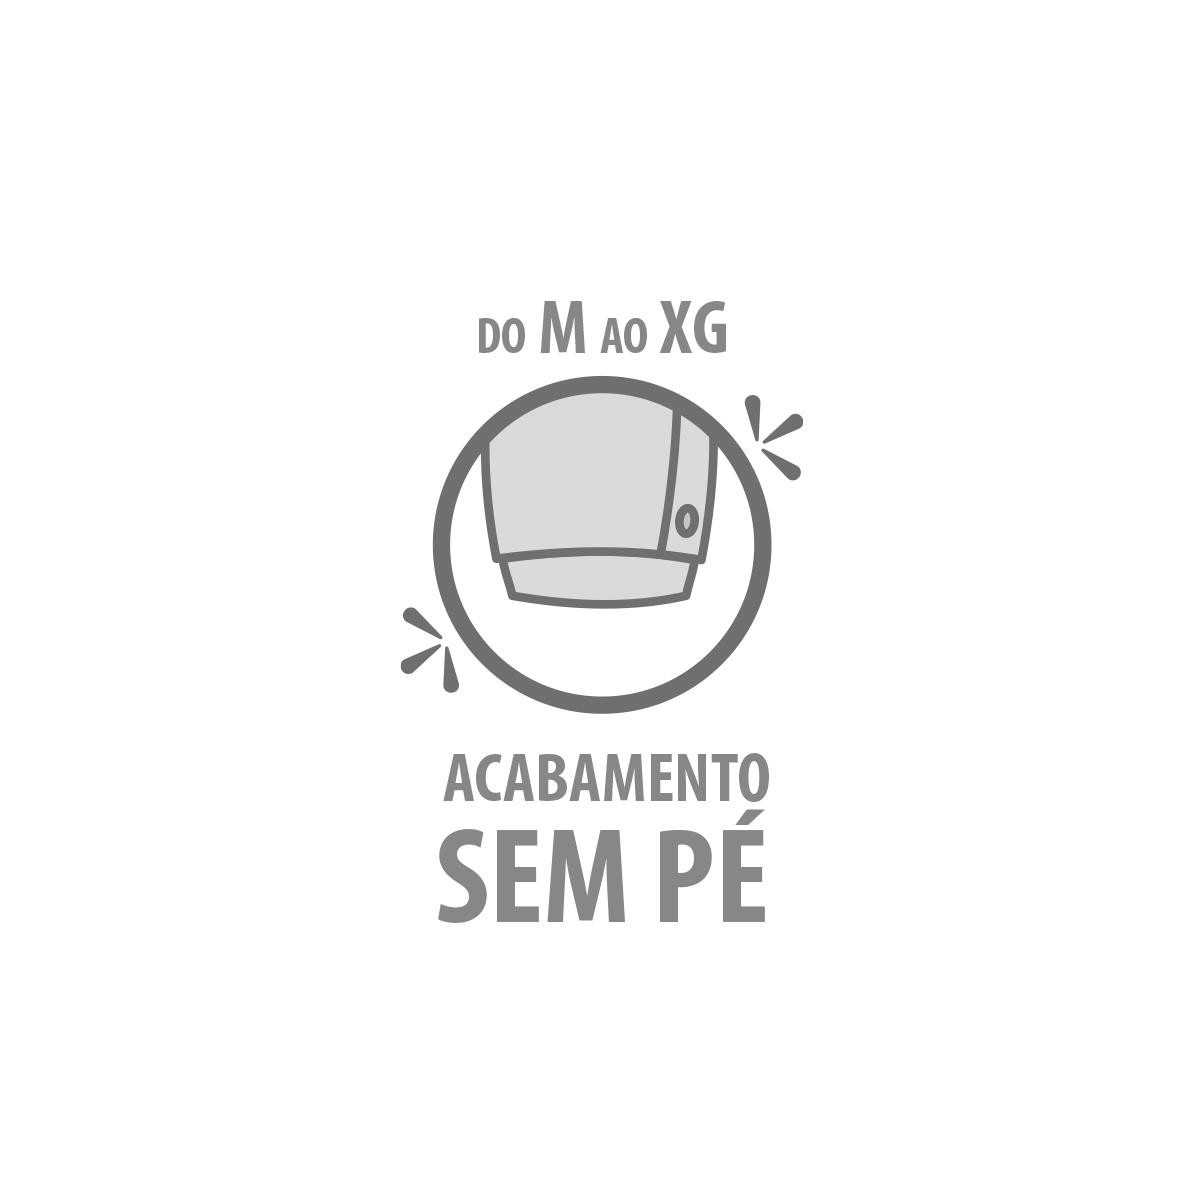 Macacão Botão Lateral Raposinha - Tamanhos RN e P com pezinho; M, G e XG sem pezinho  - Piu Blu